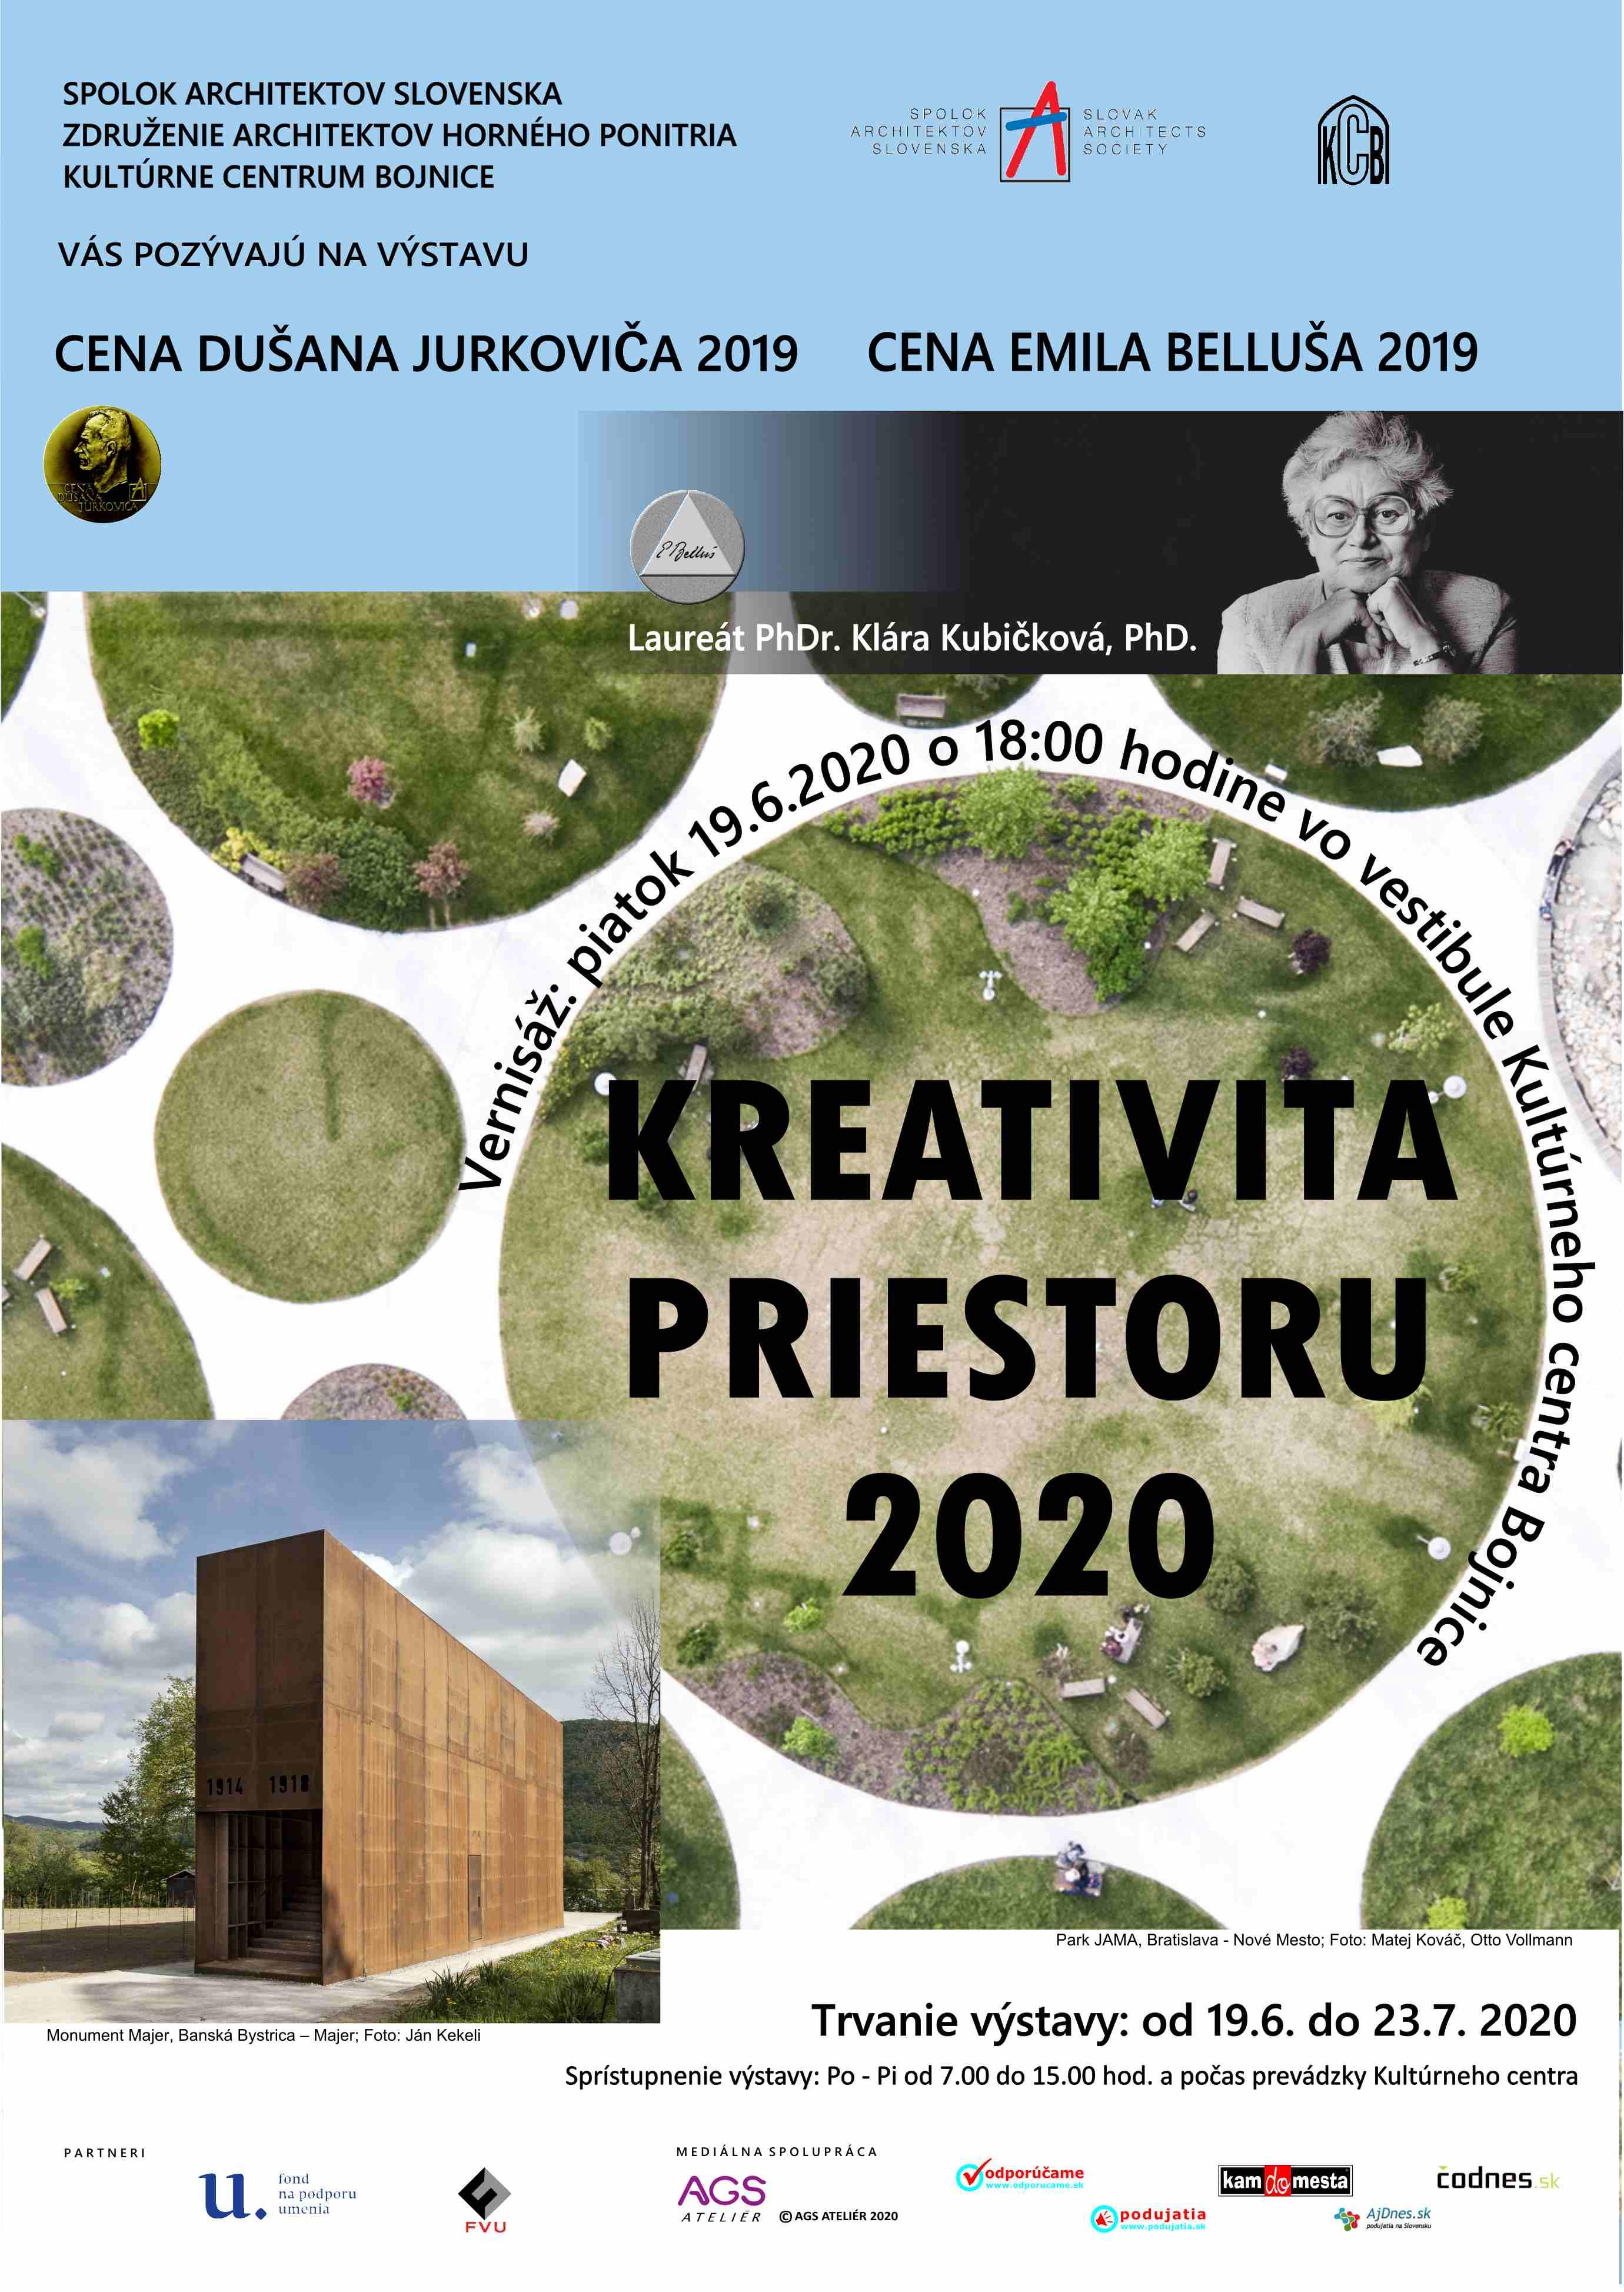 Kreativita priestoru 2020